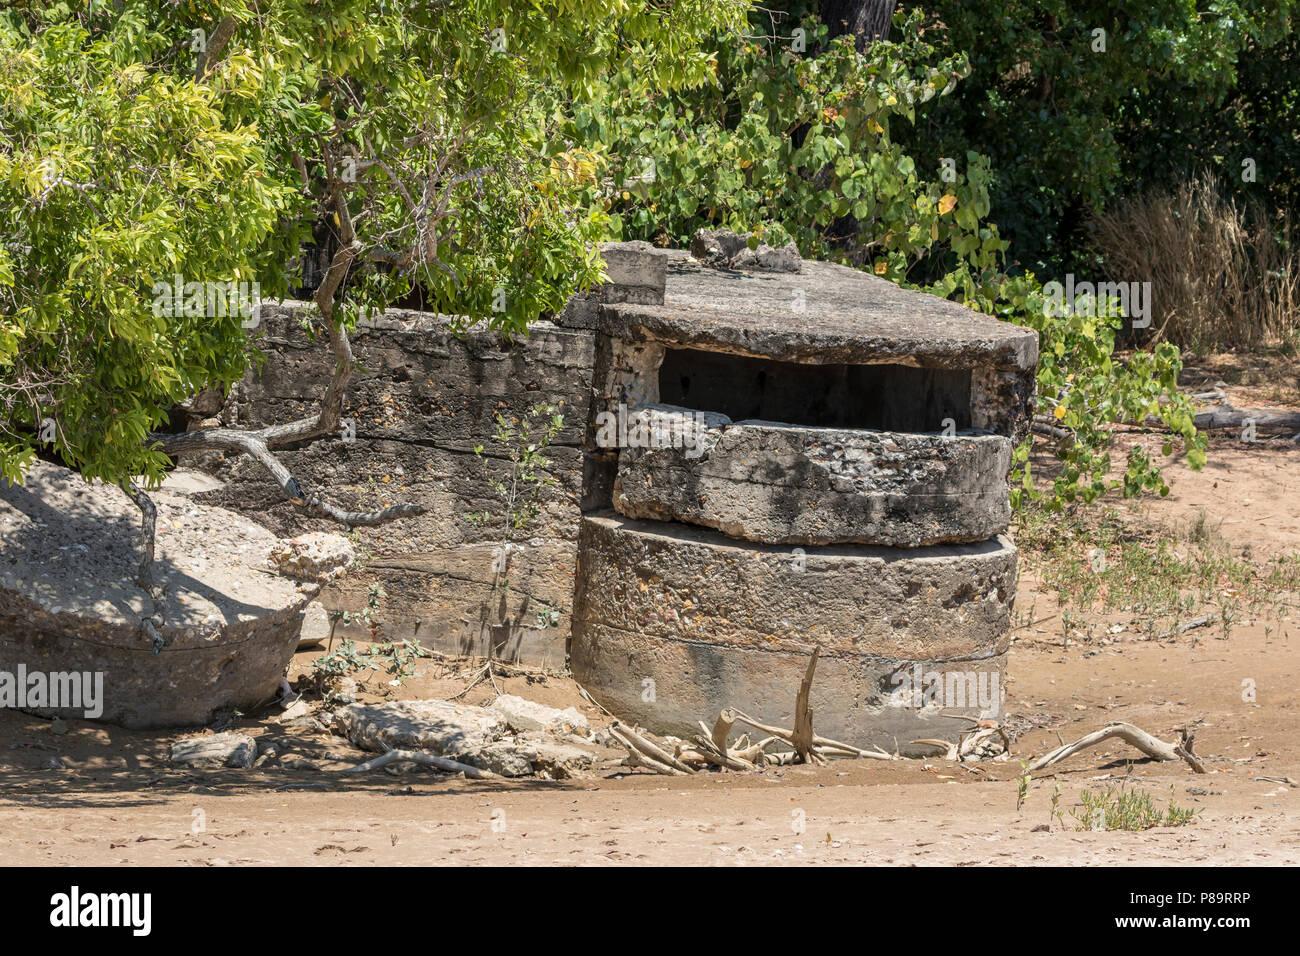 WWII bunker on Casuarina Beach, Darwin, Northern Territory - Stock Image